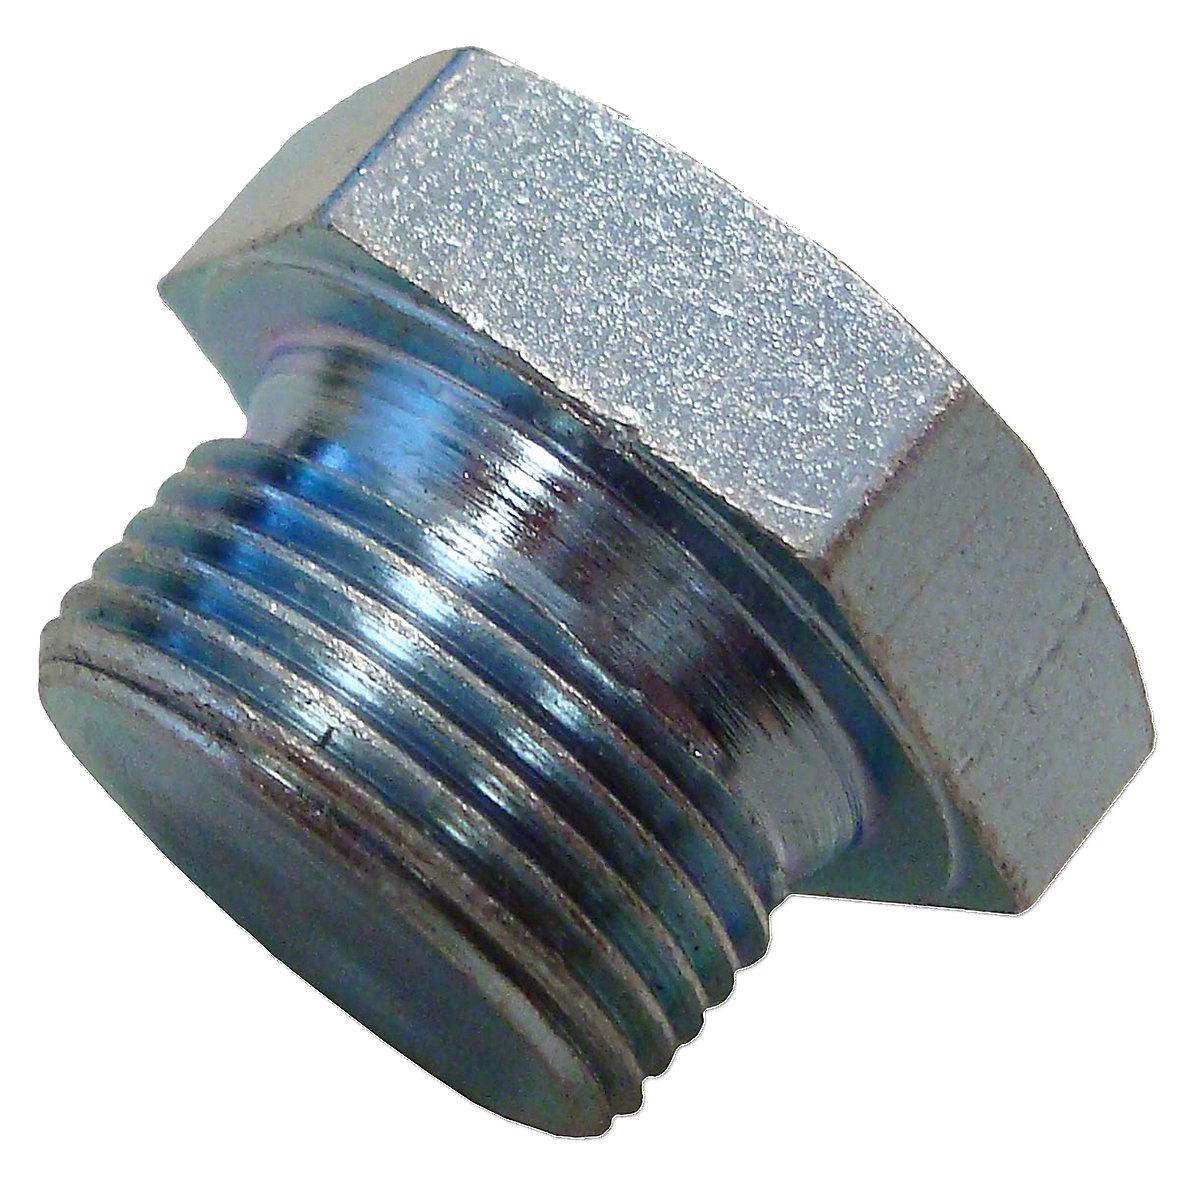 Oil Pan Drain Plug For Allis Chalmers: 190XT, B, C, CA, D10, D12, D14, D15, D17, D19, D21, IB, WC, WD, WD45, 170 & 175 Gas, 180, 185, 190, 200, 210, 220, 6060, 6070, 6080, 7000, 7010, 7020, 8010